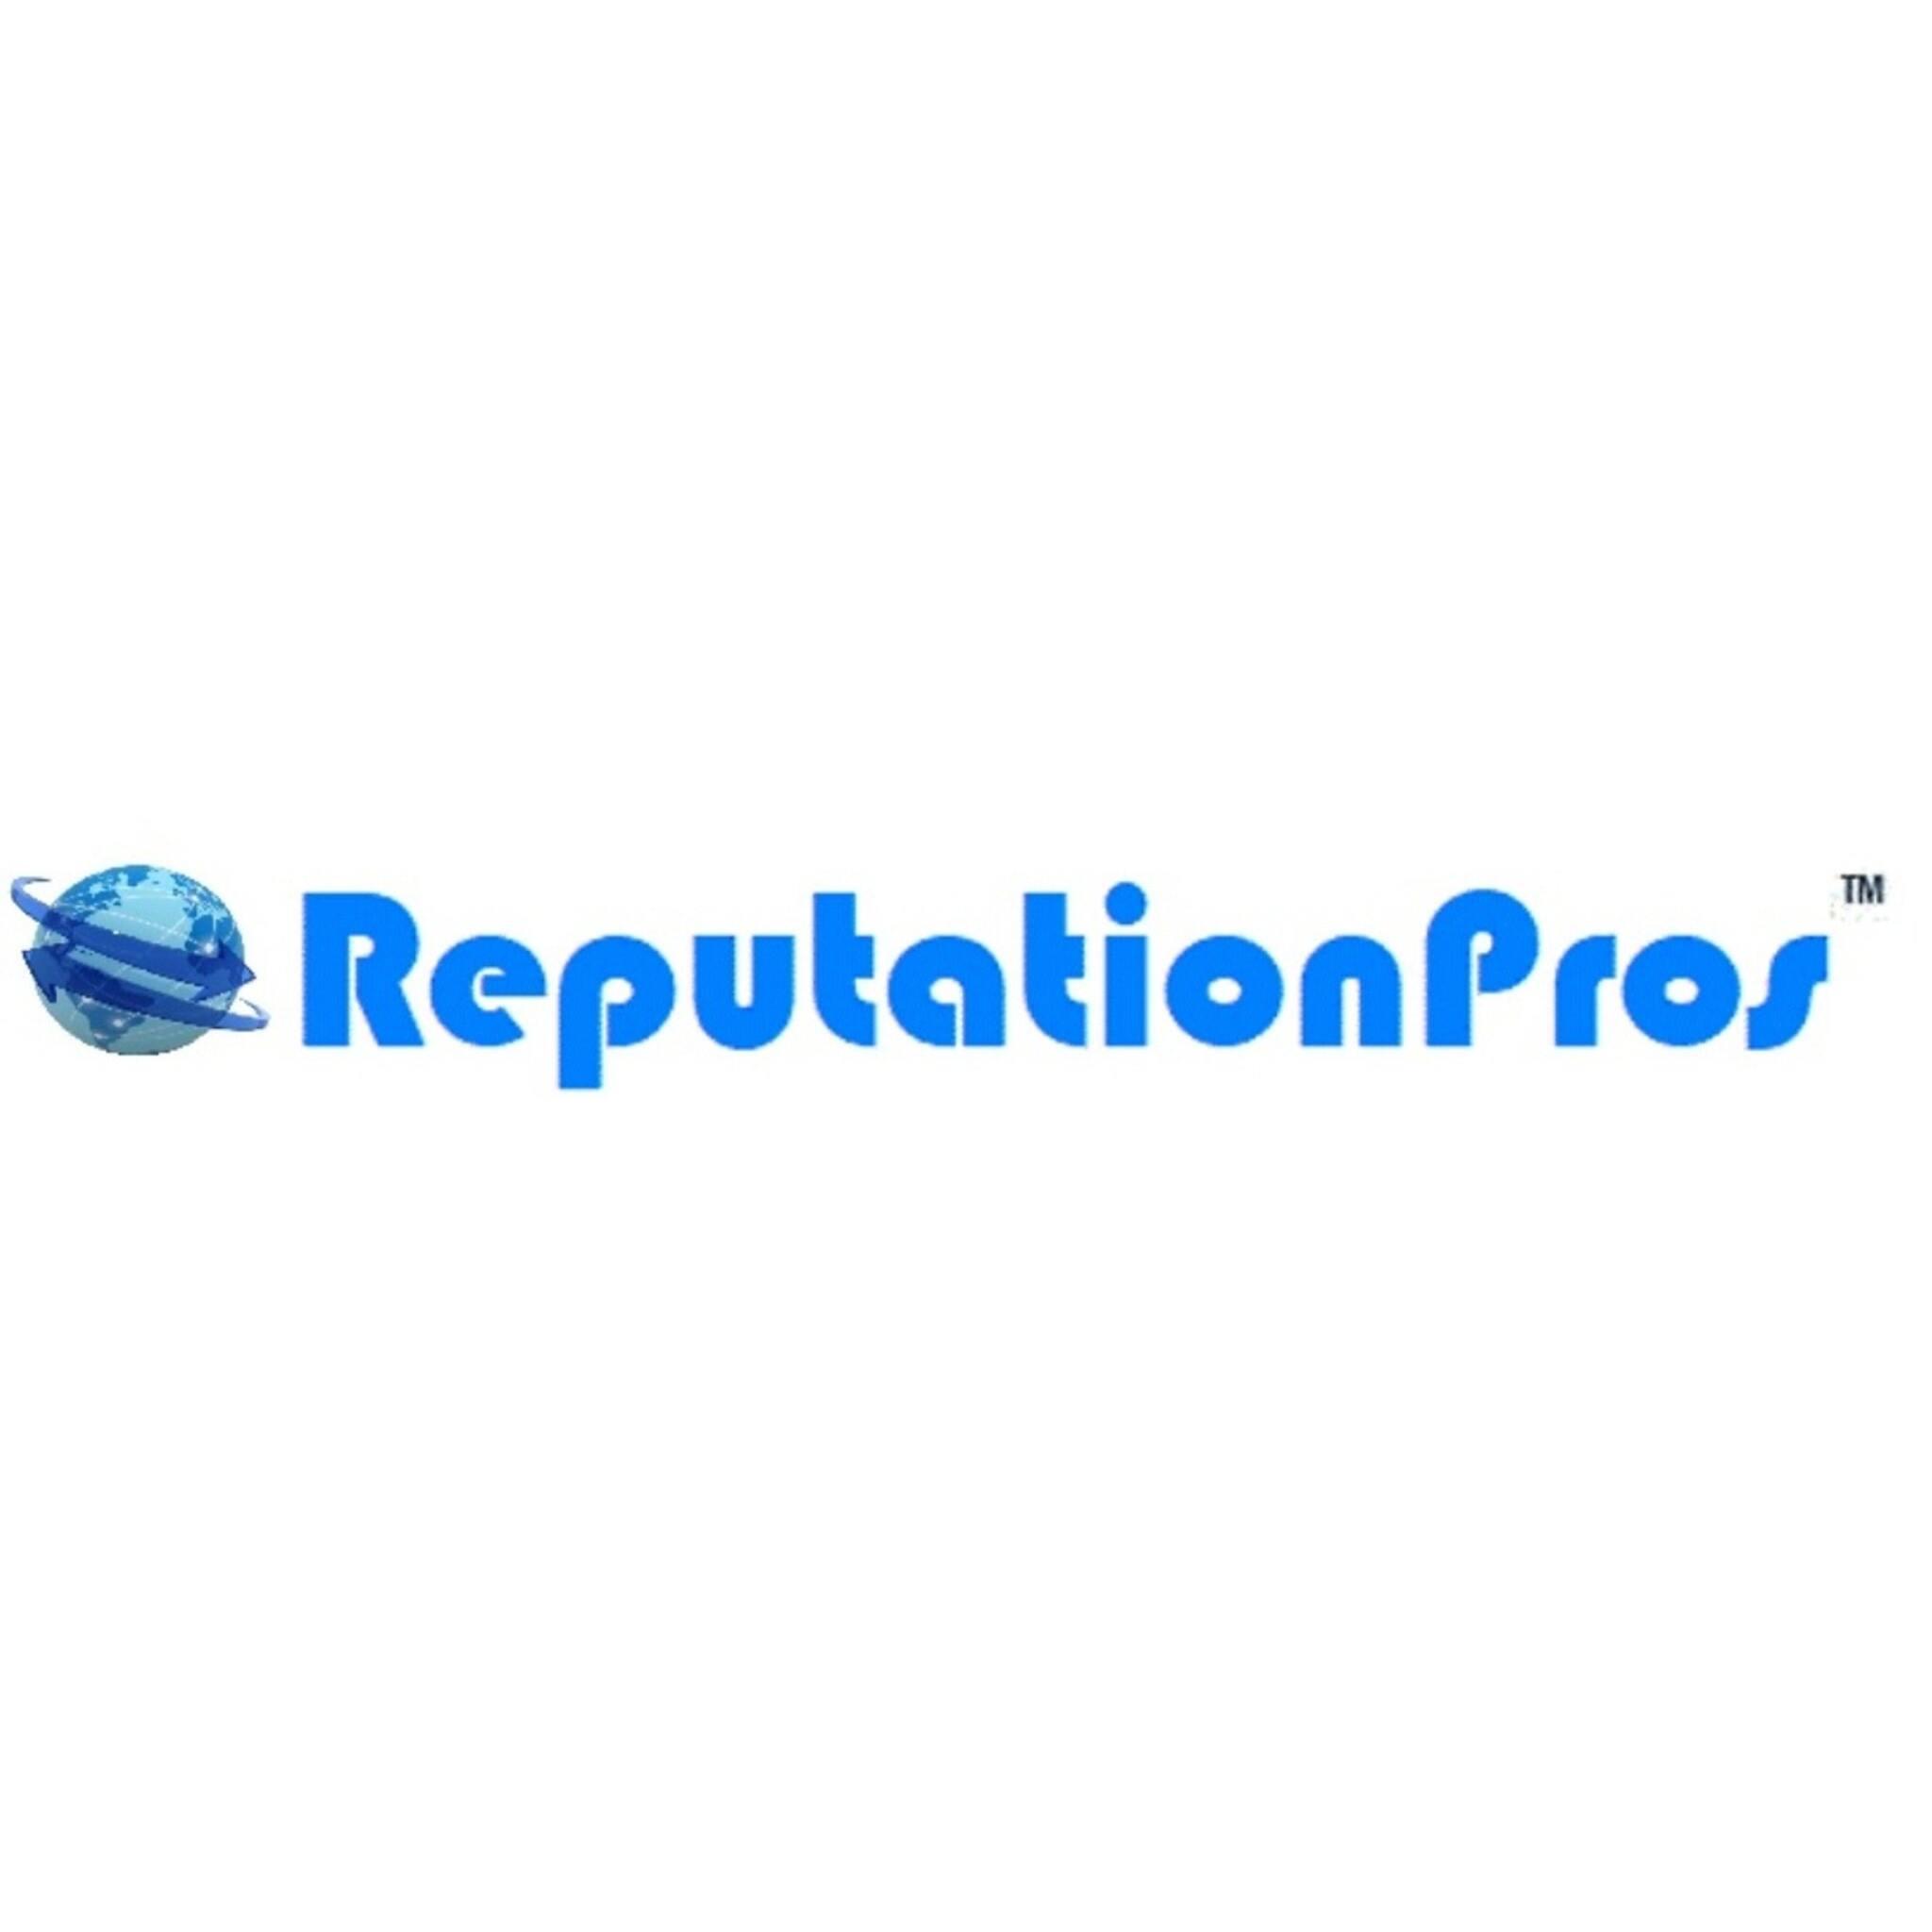 Reputation pros LLC